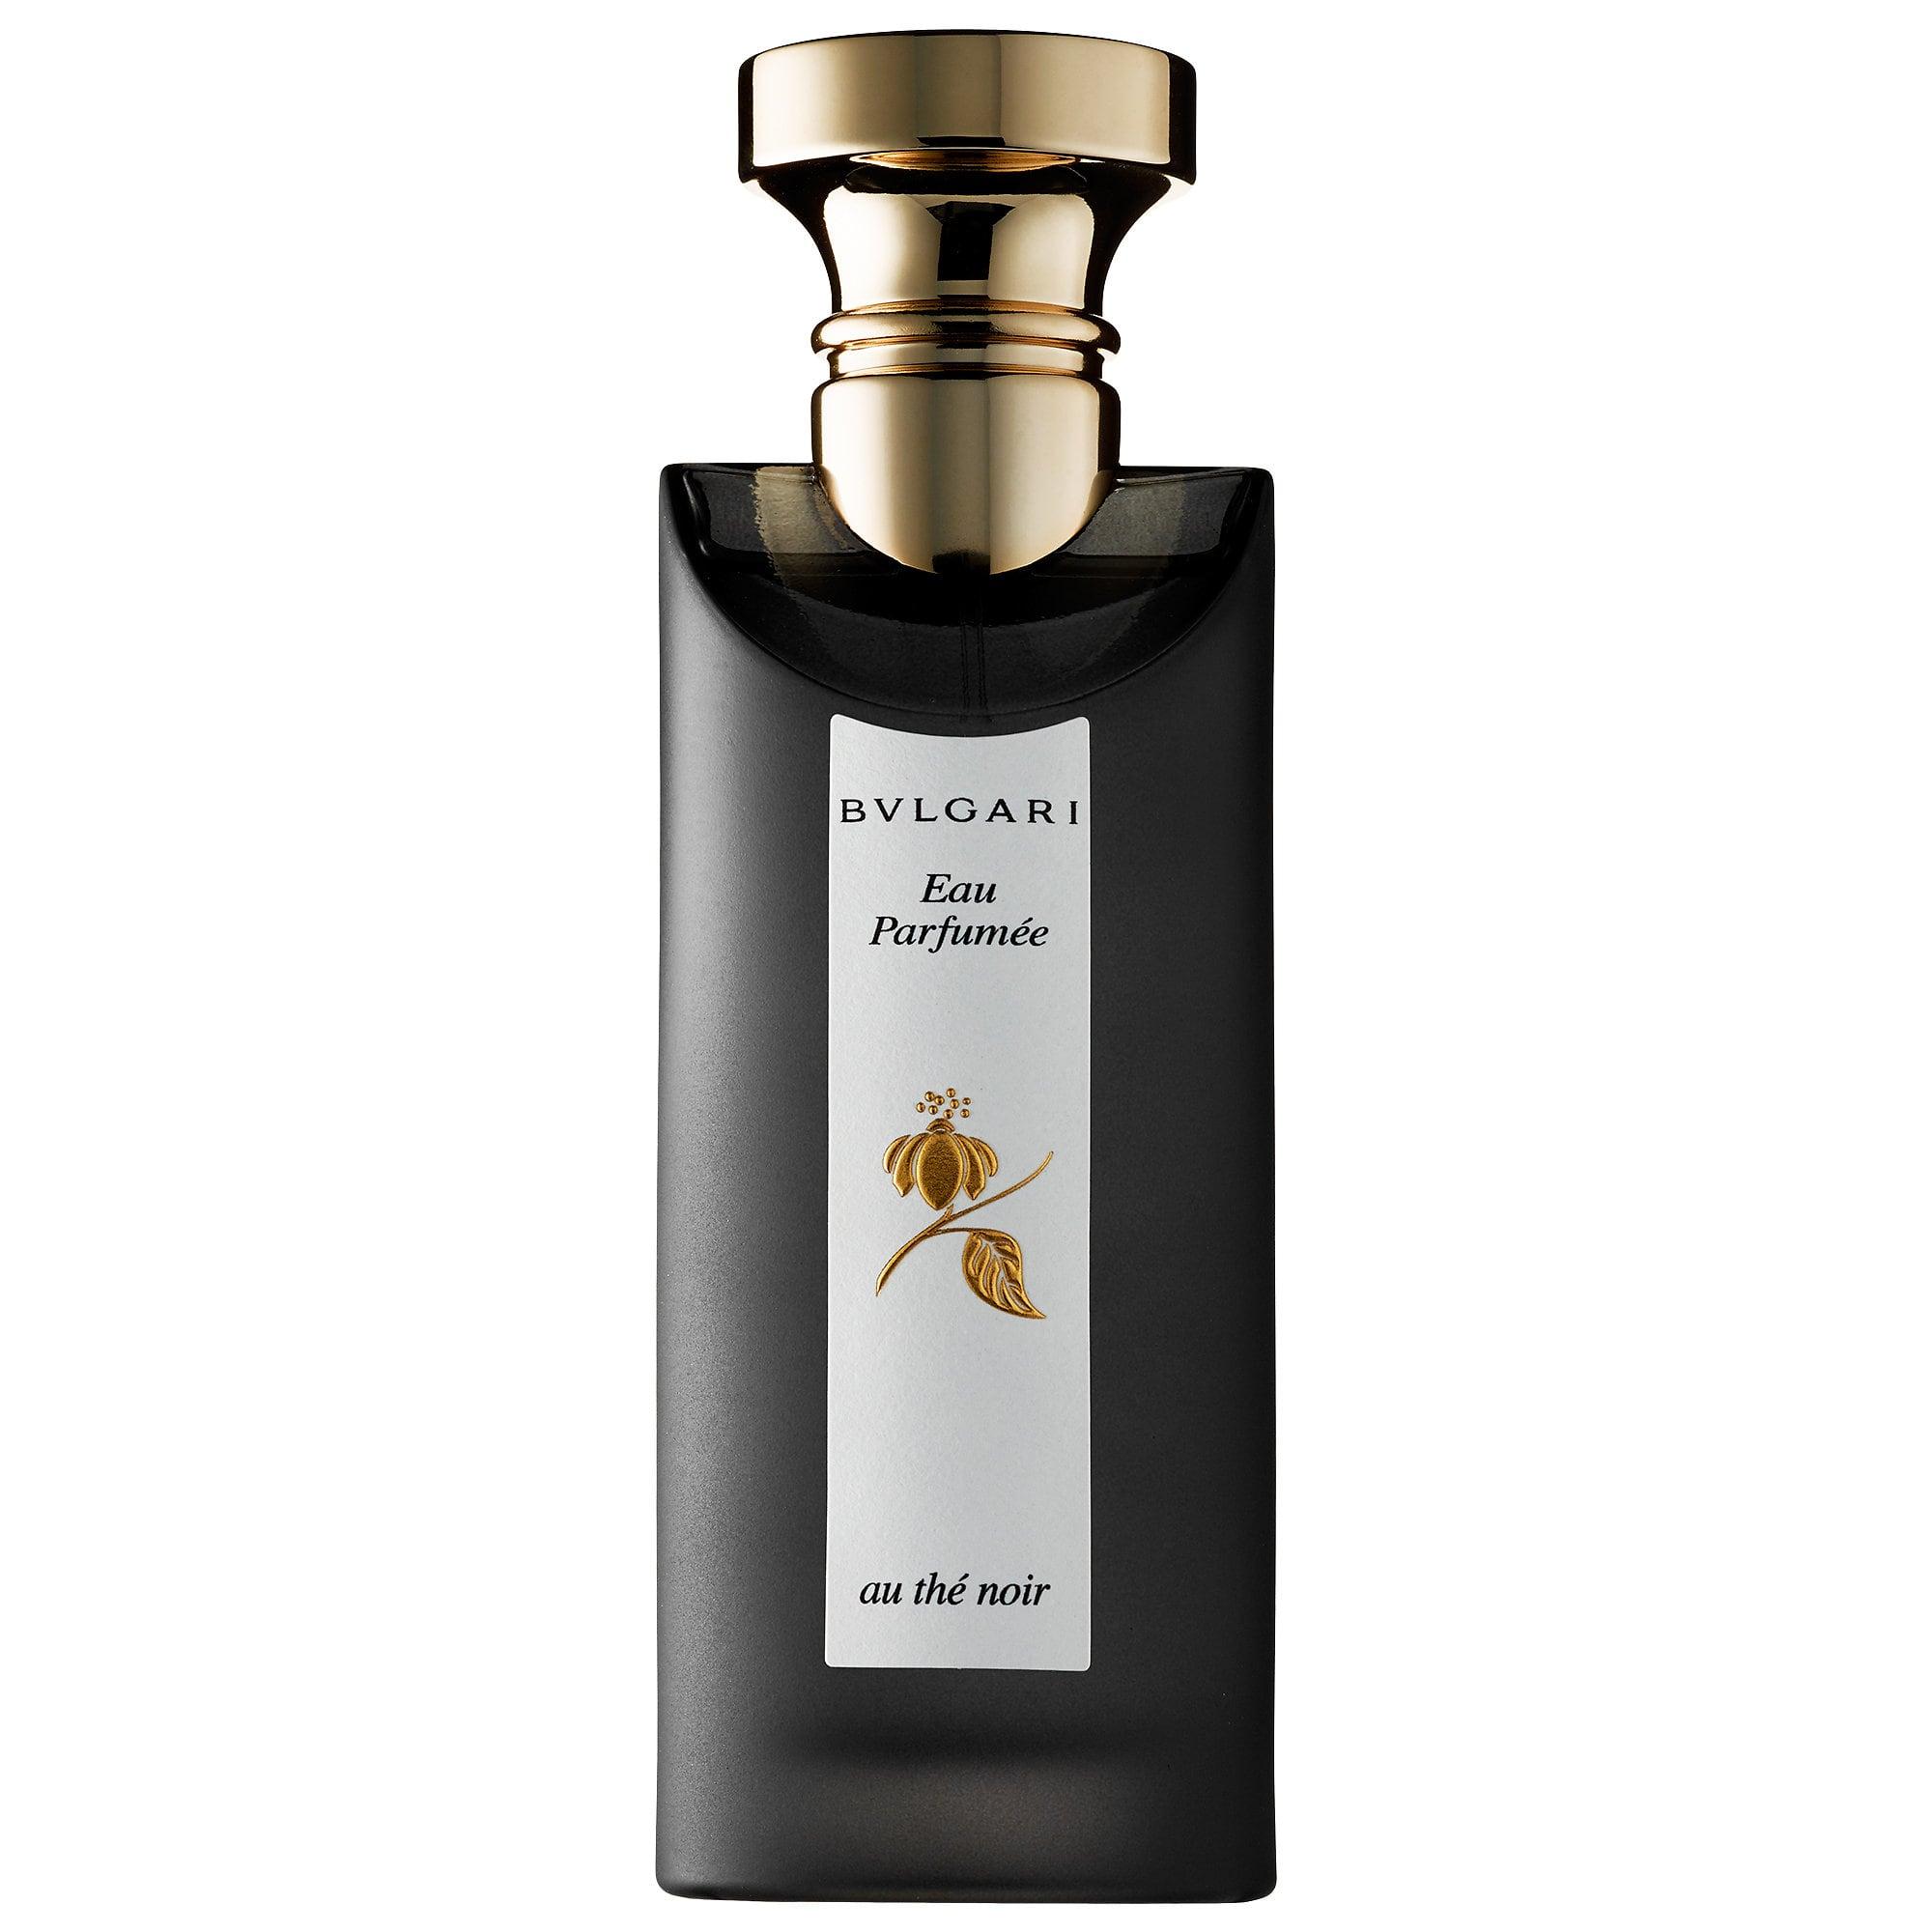 the noir parfume